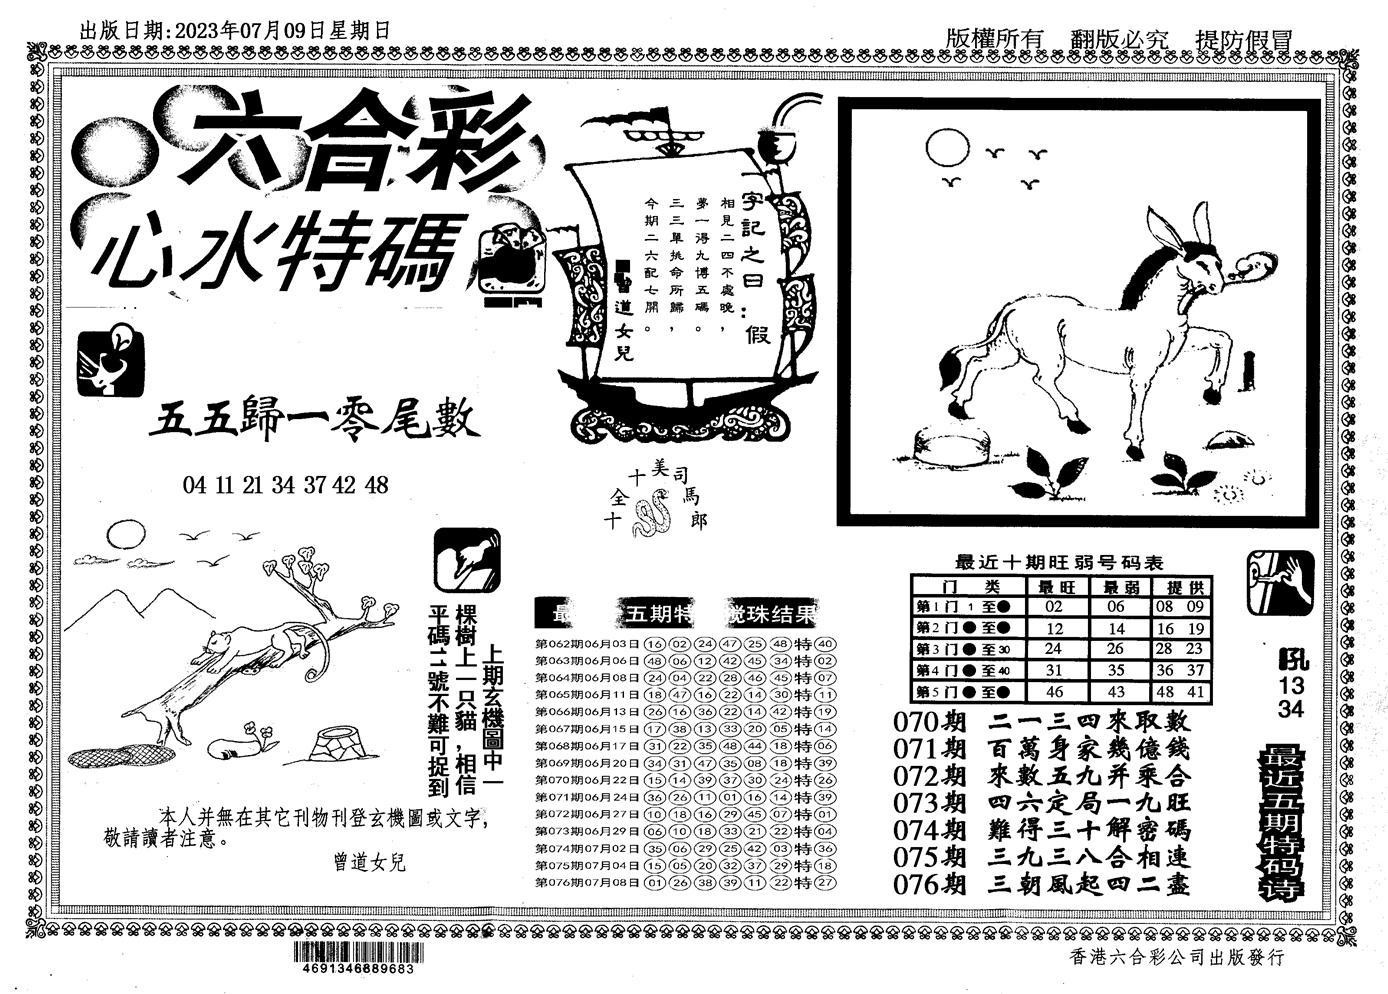 077期新特码心水(黑白)